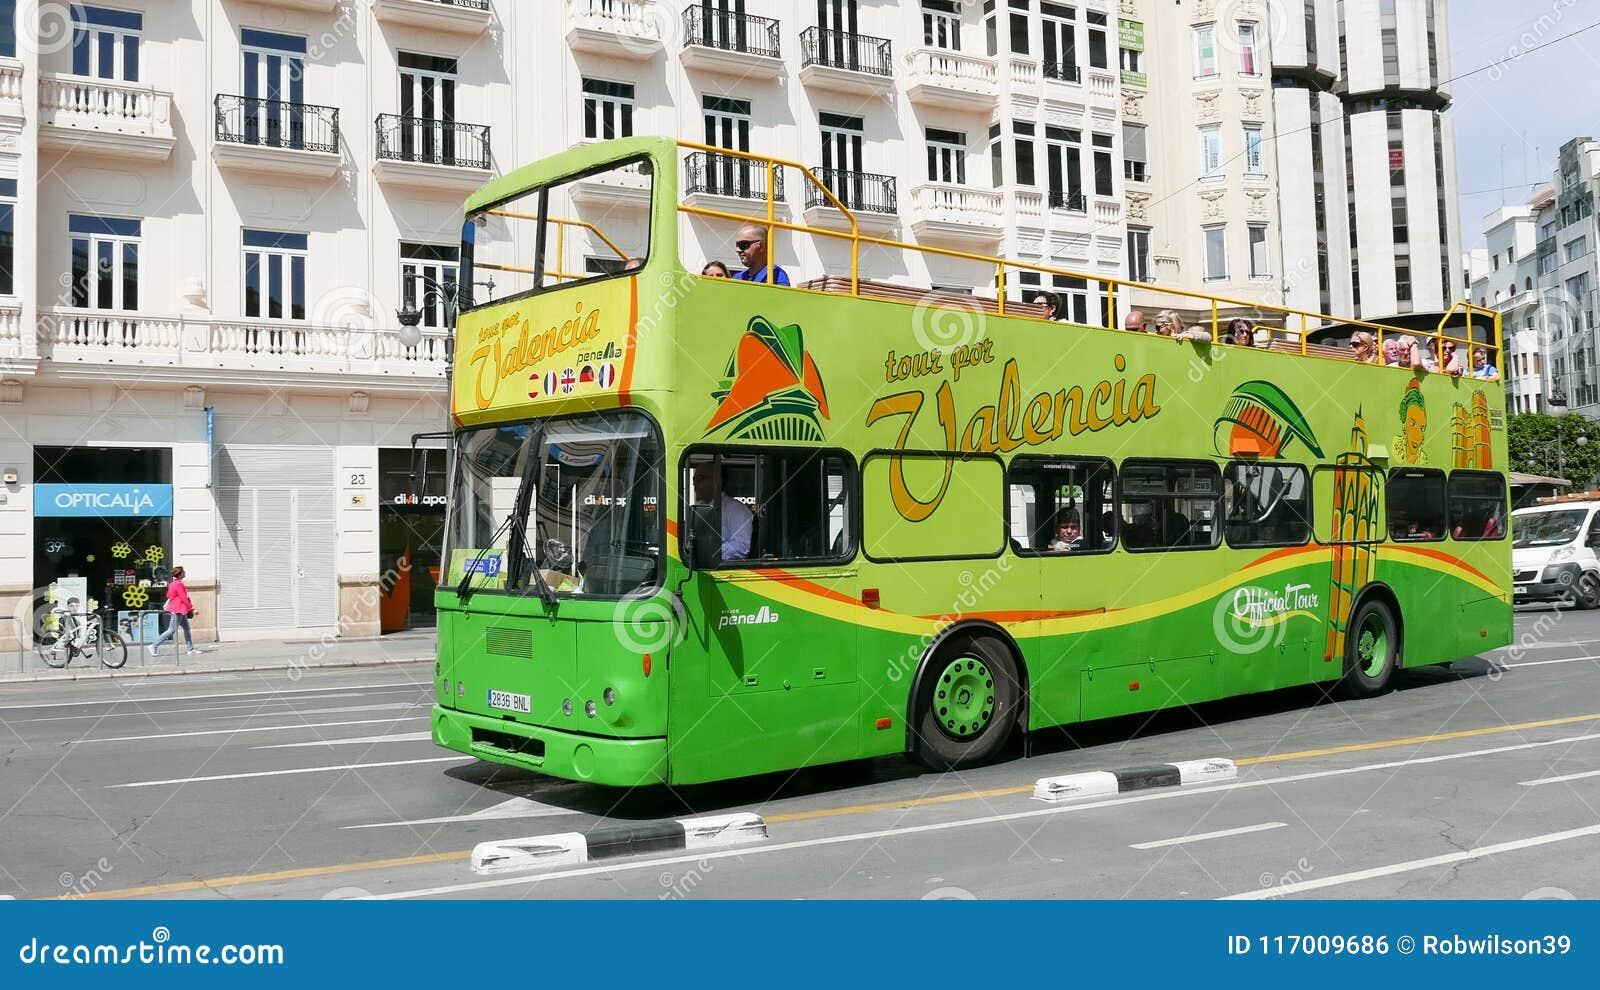 Valencia City Tour Bus dans les rues de Valence